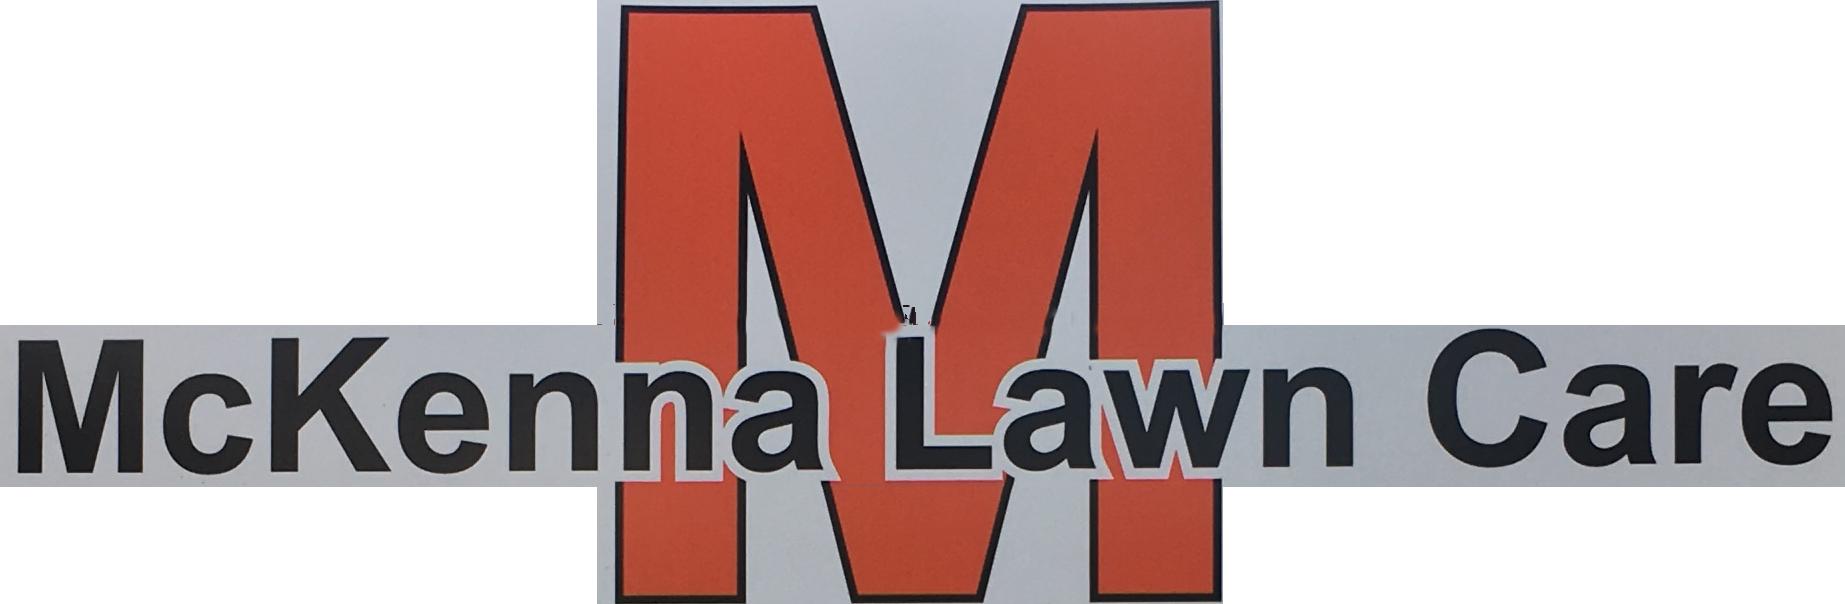 McKenna Lawn Care